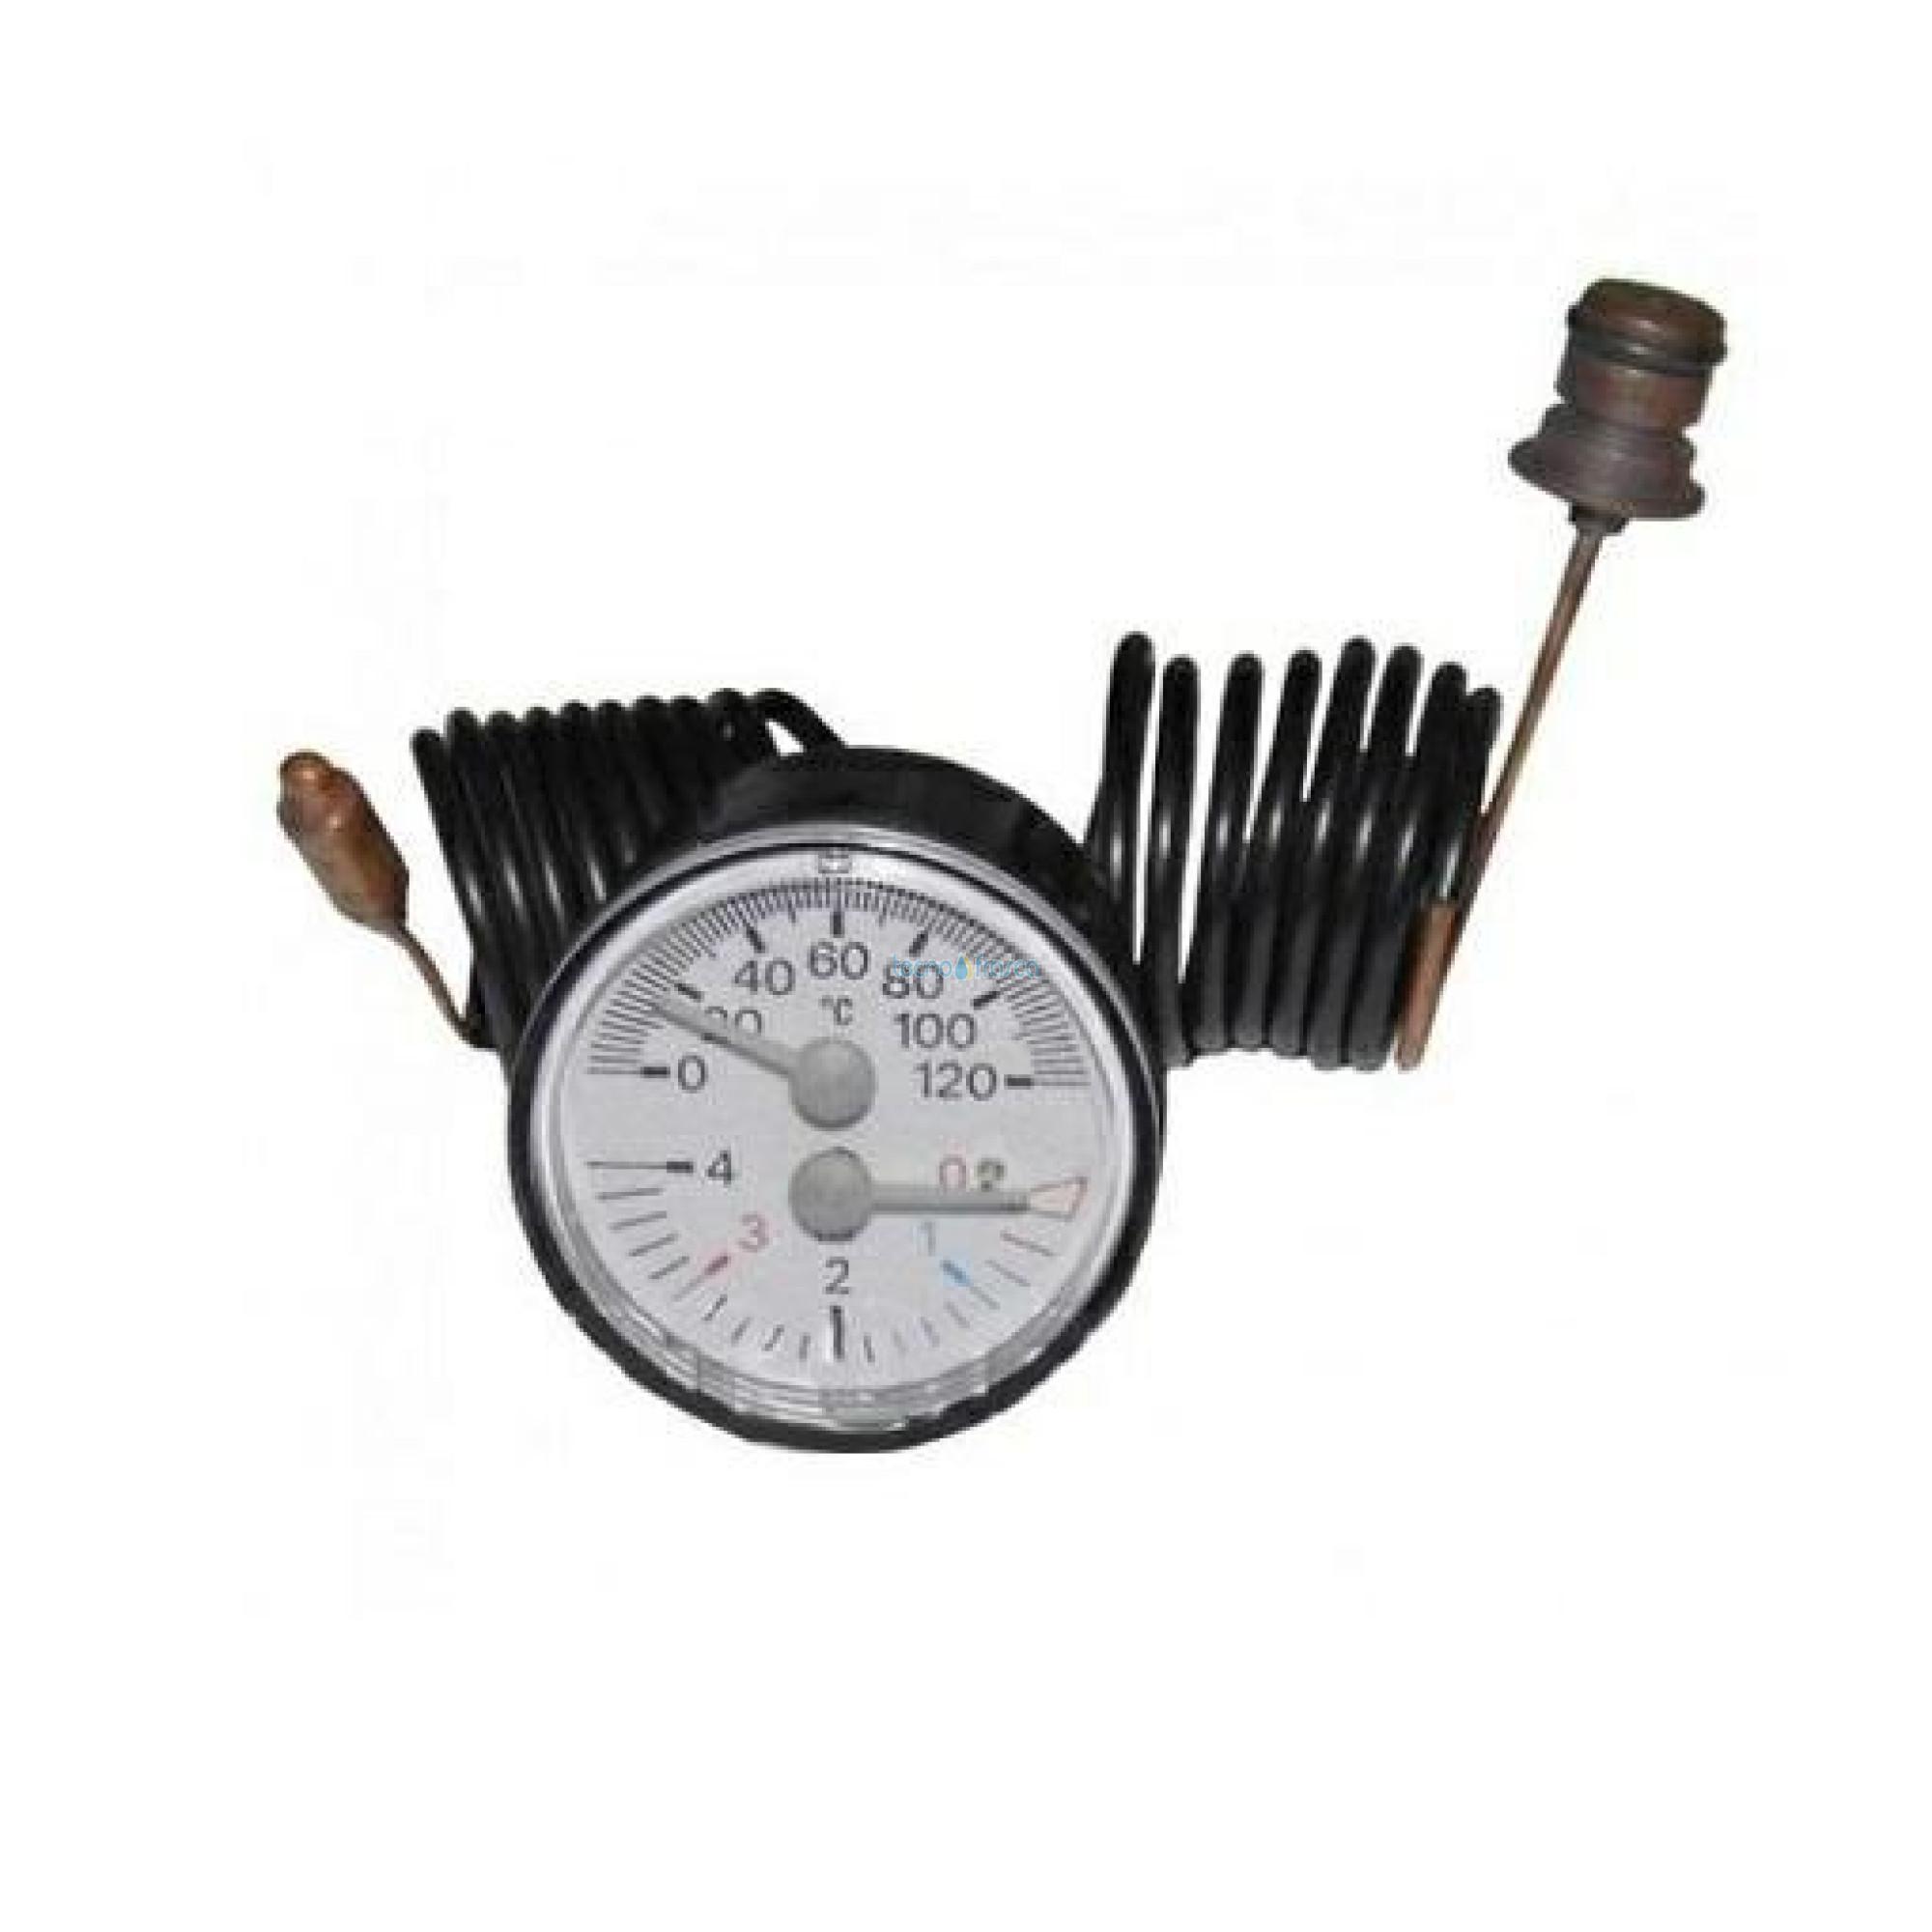 Sylber termoidrometro 0-120 r10026051